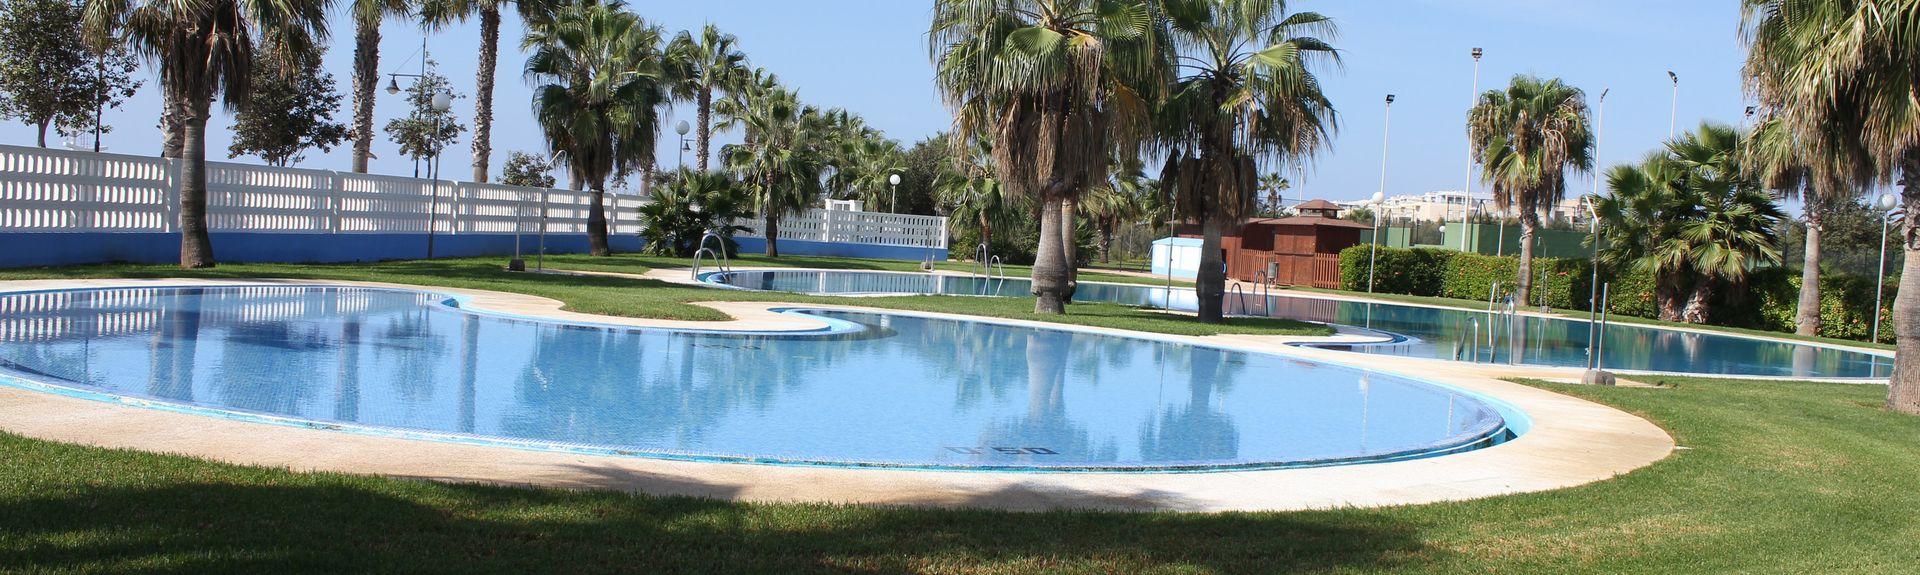 Castor Park, Roquetas de Mar, Andalusien, Spanien